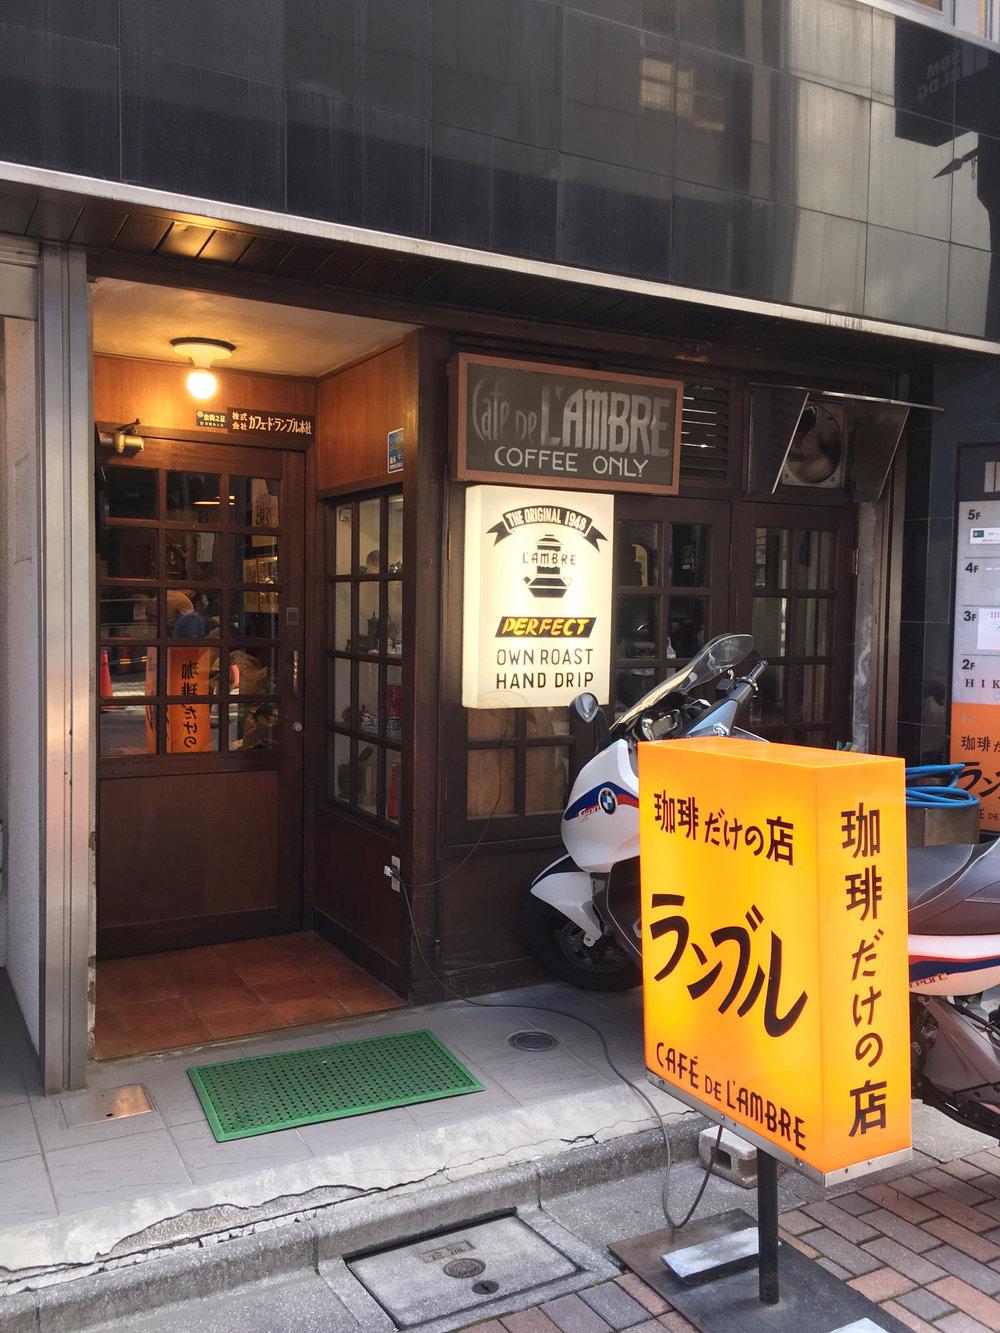 Cafe de L'ambre ginza